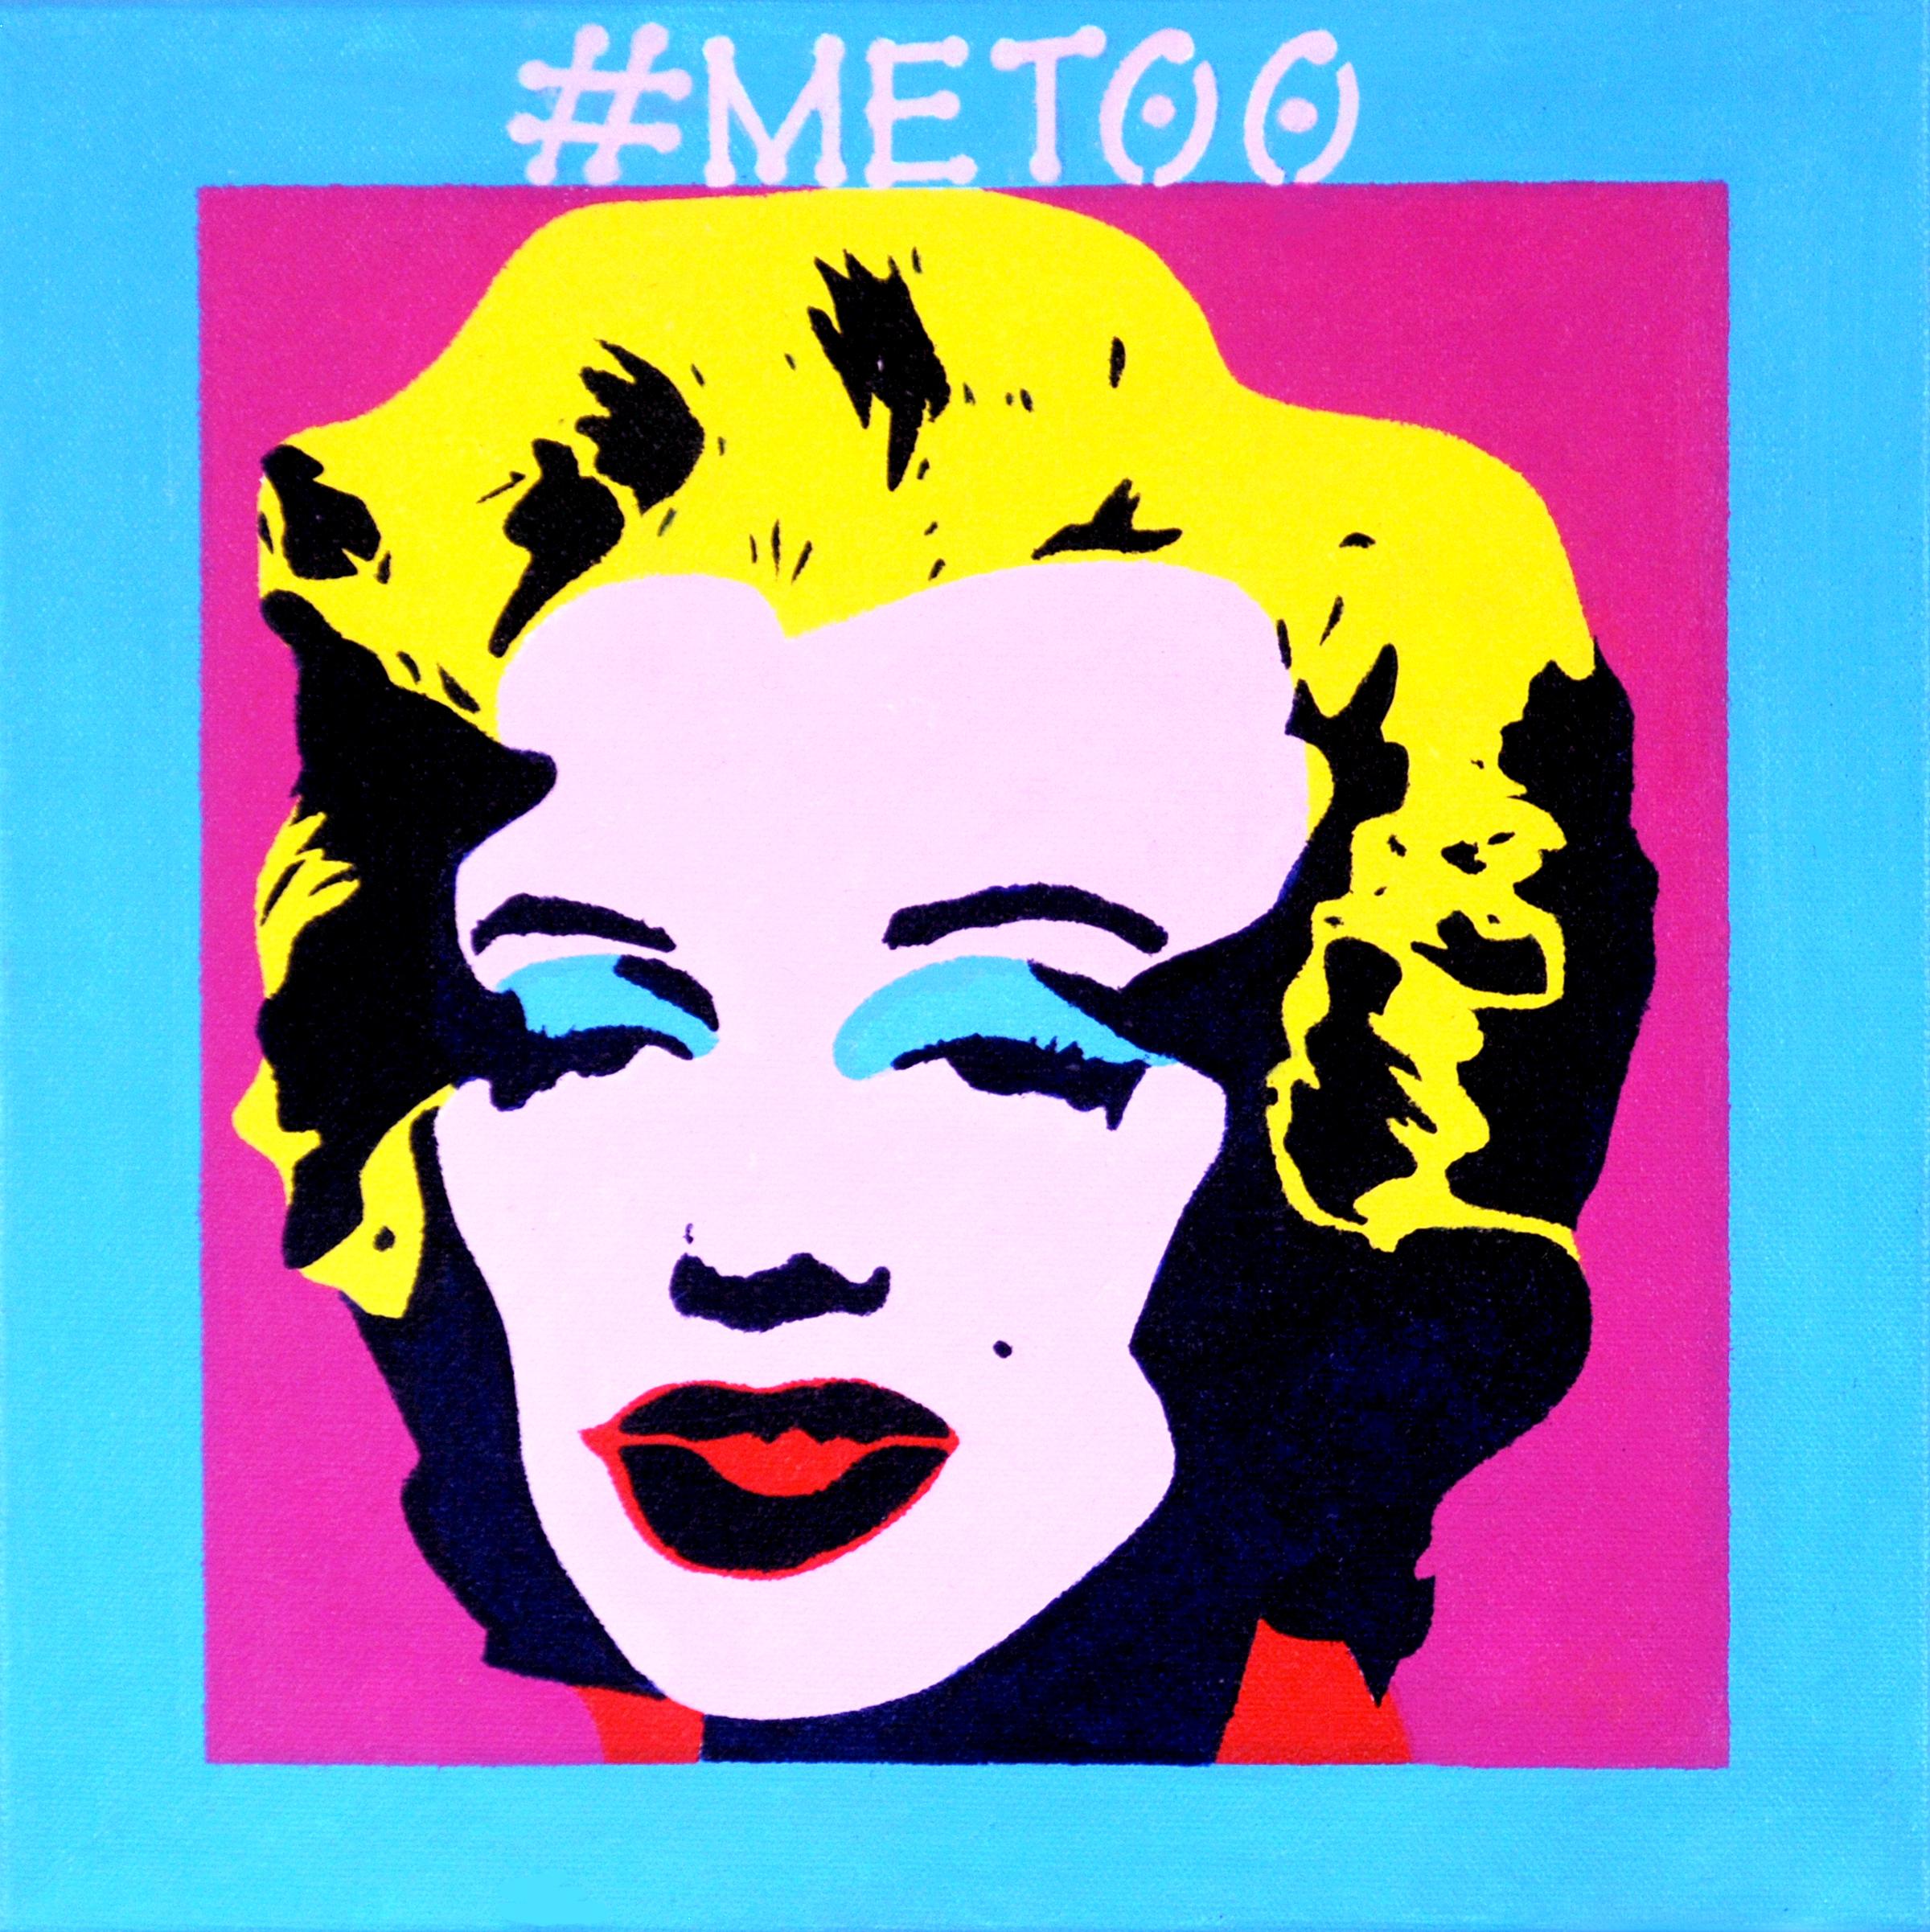 #MeToo: Marilyn #1